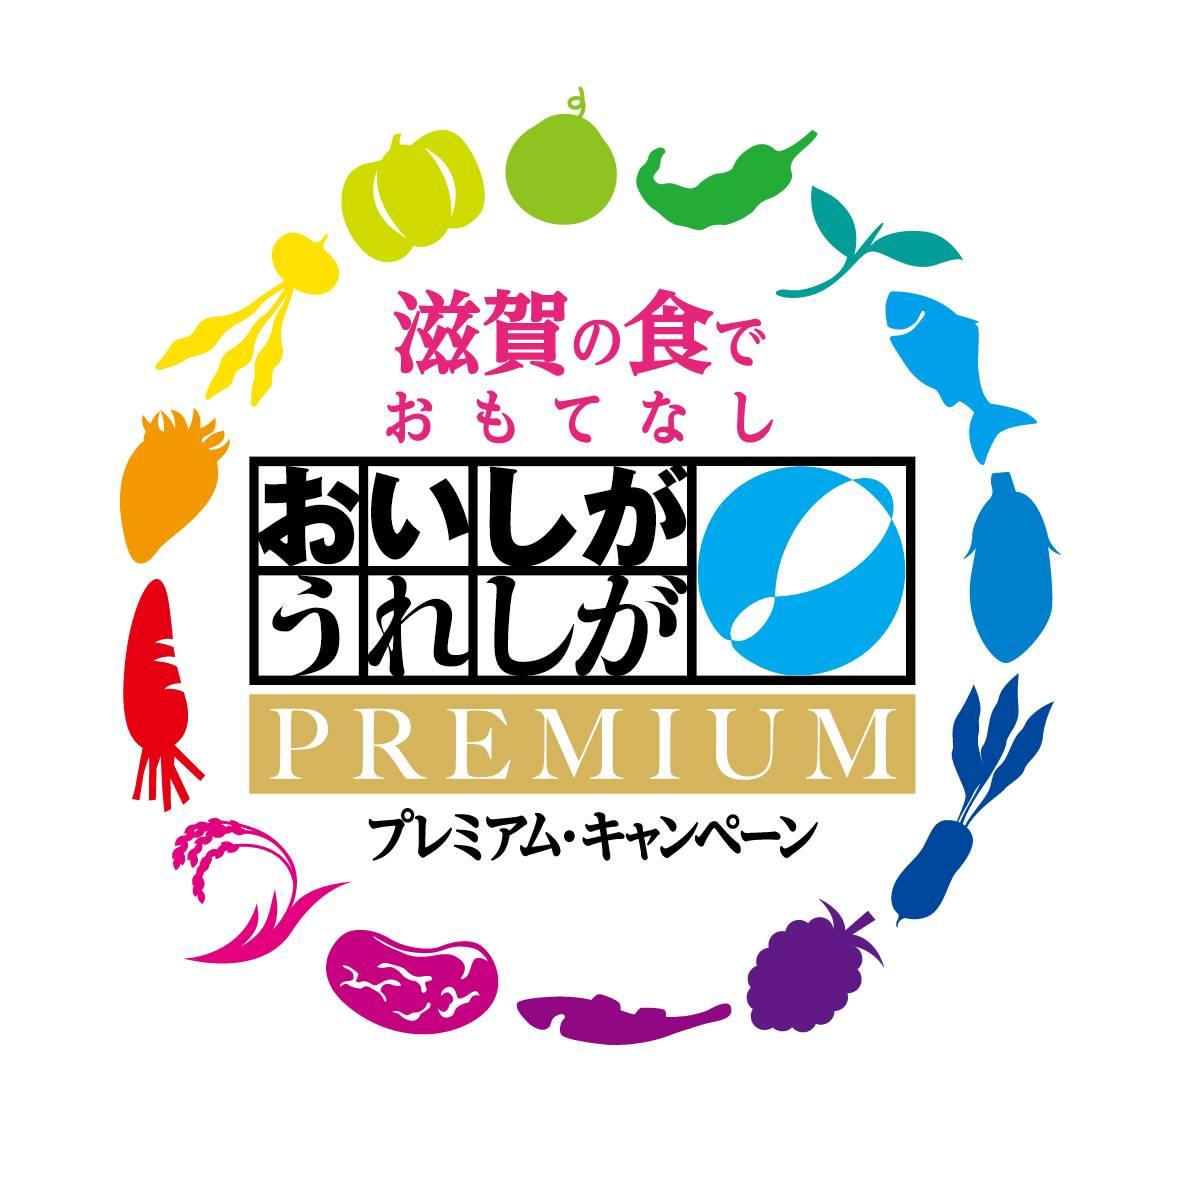 「びわ湖虹色手鞠寿司」虹色の食材  おいしがうれしが プレミアムキャンペーン